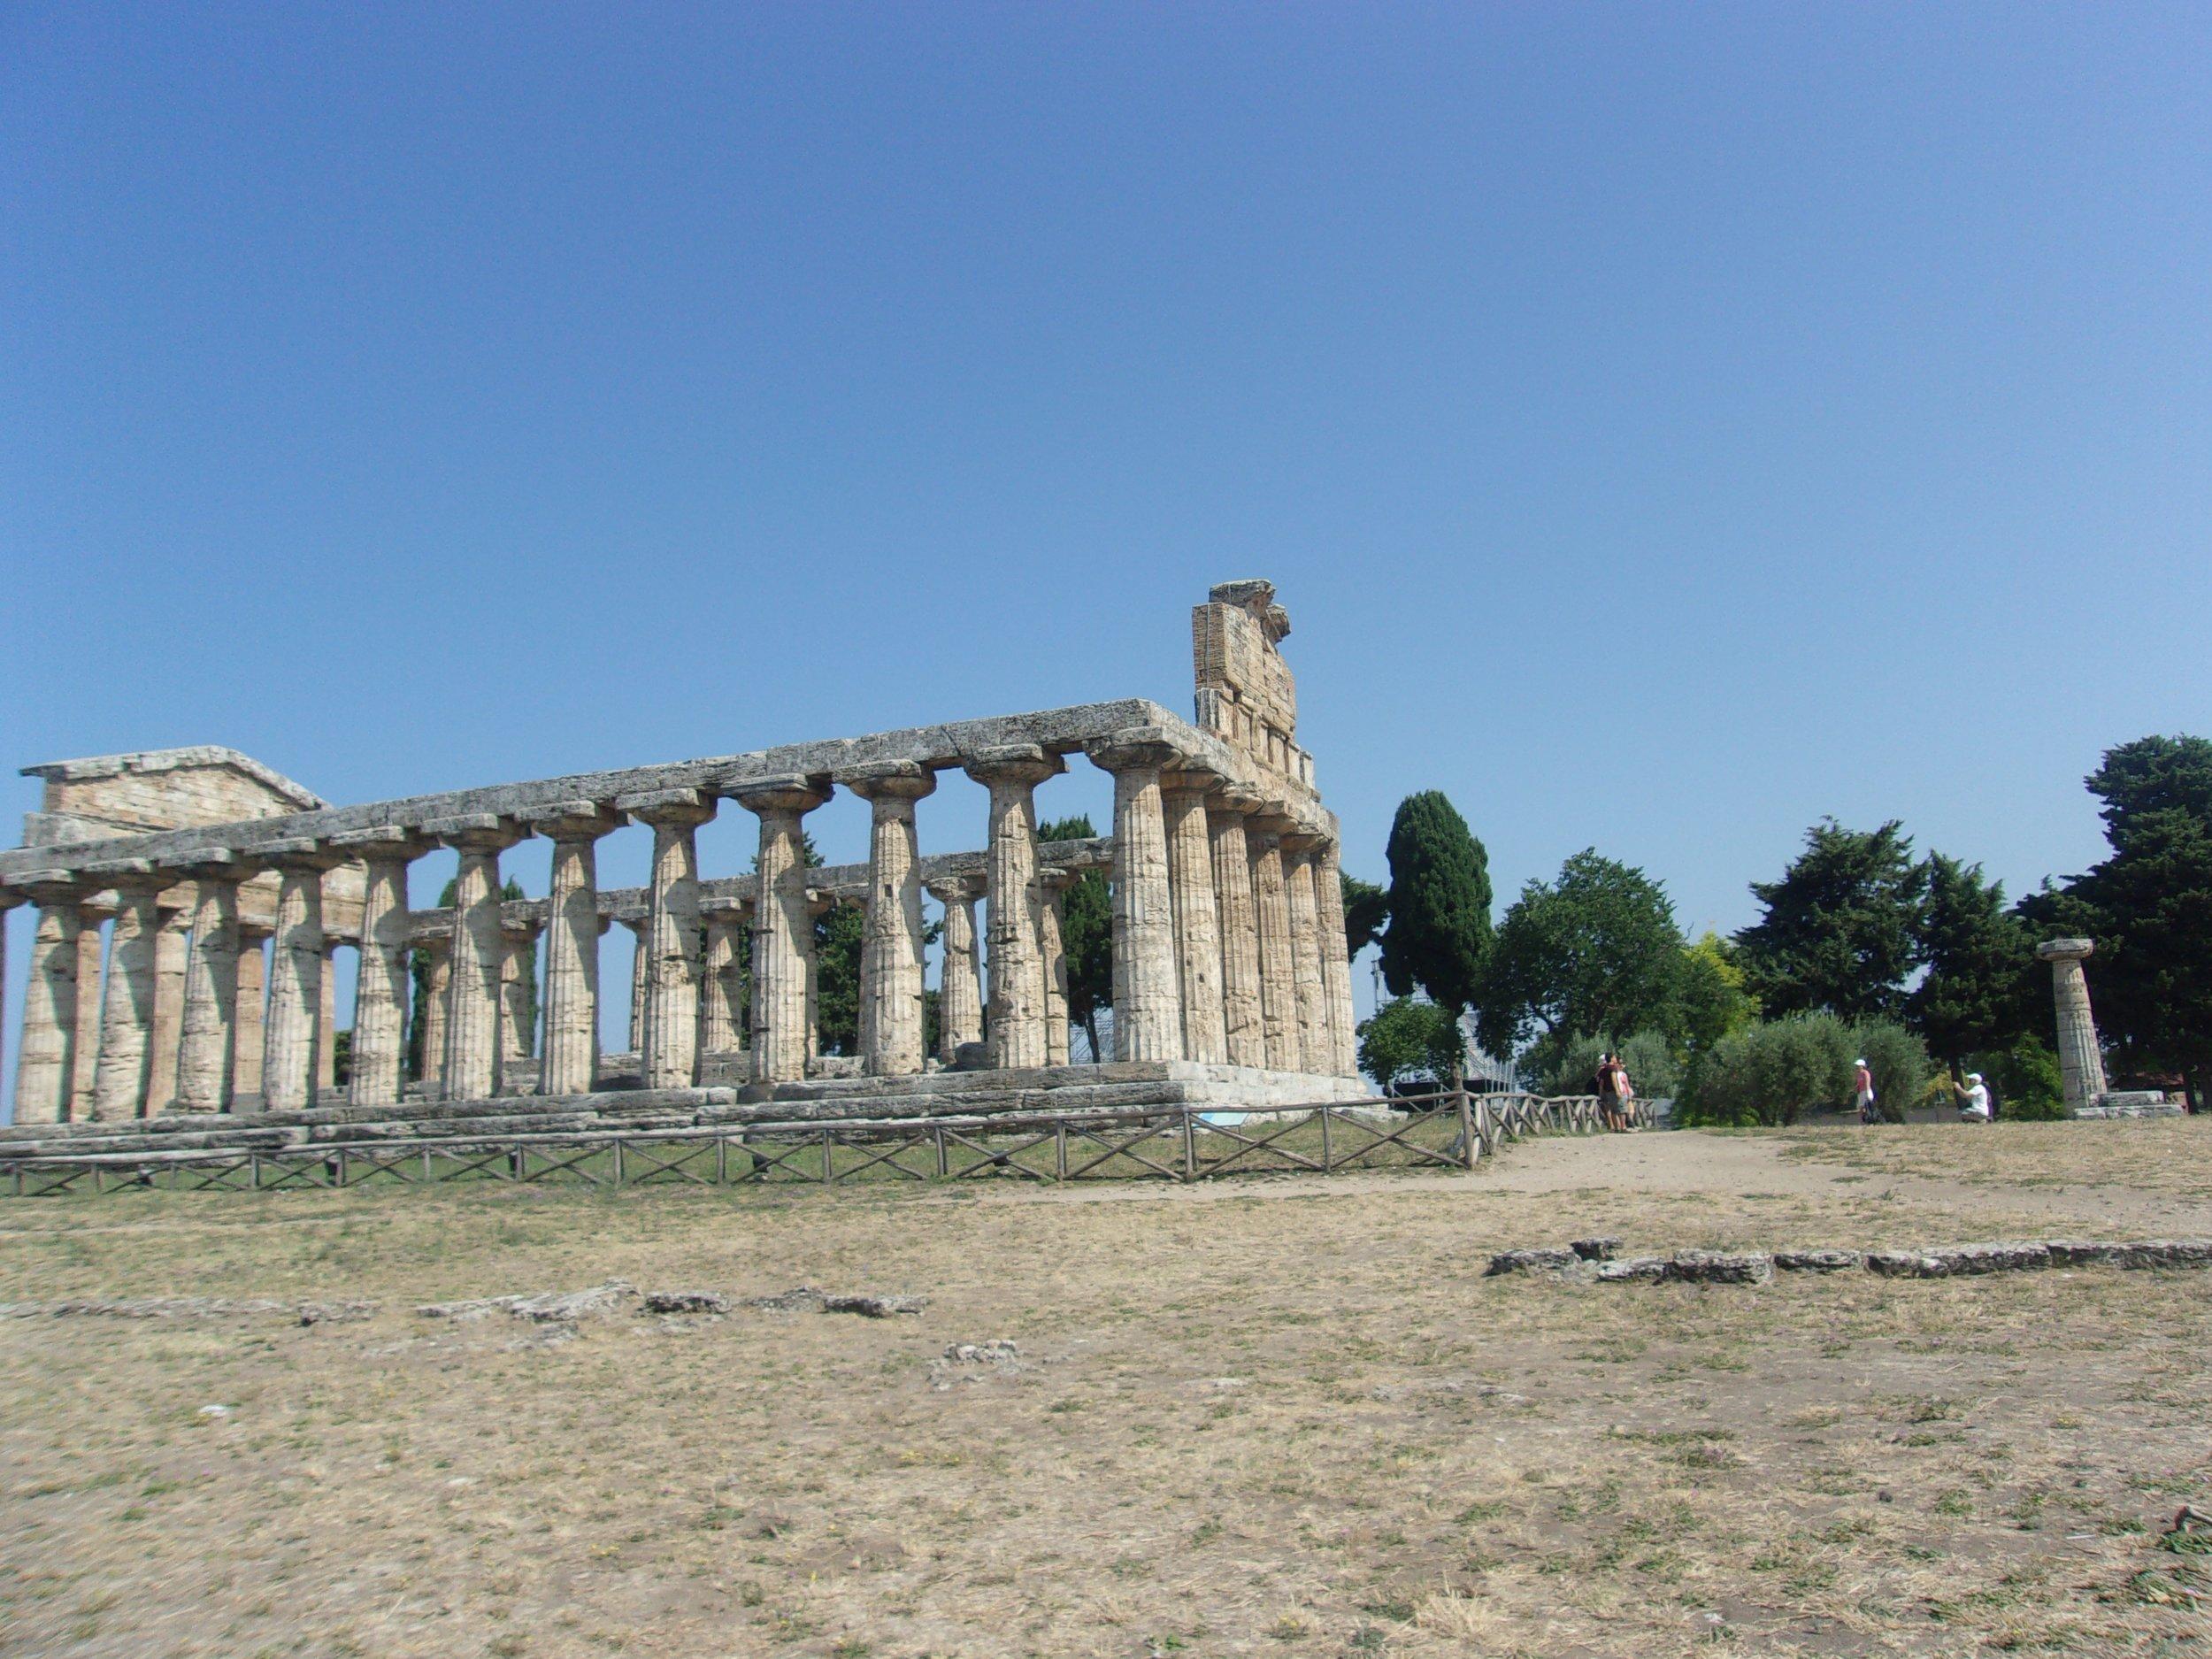 53 Greek Temples Italy 2015.jpg